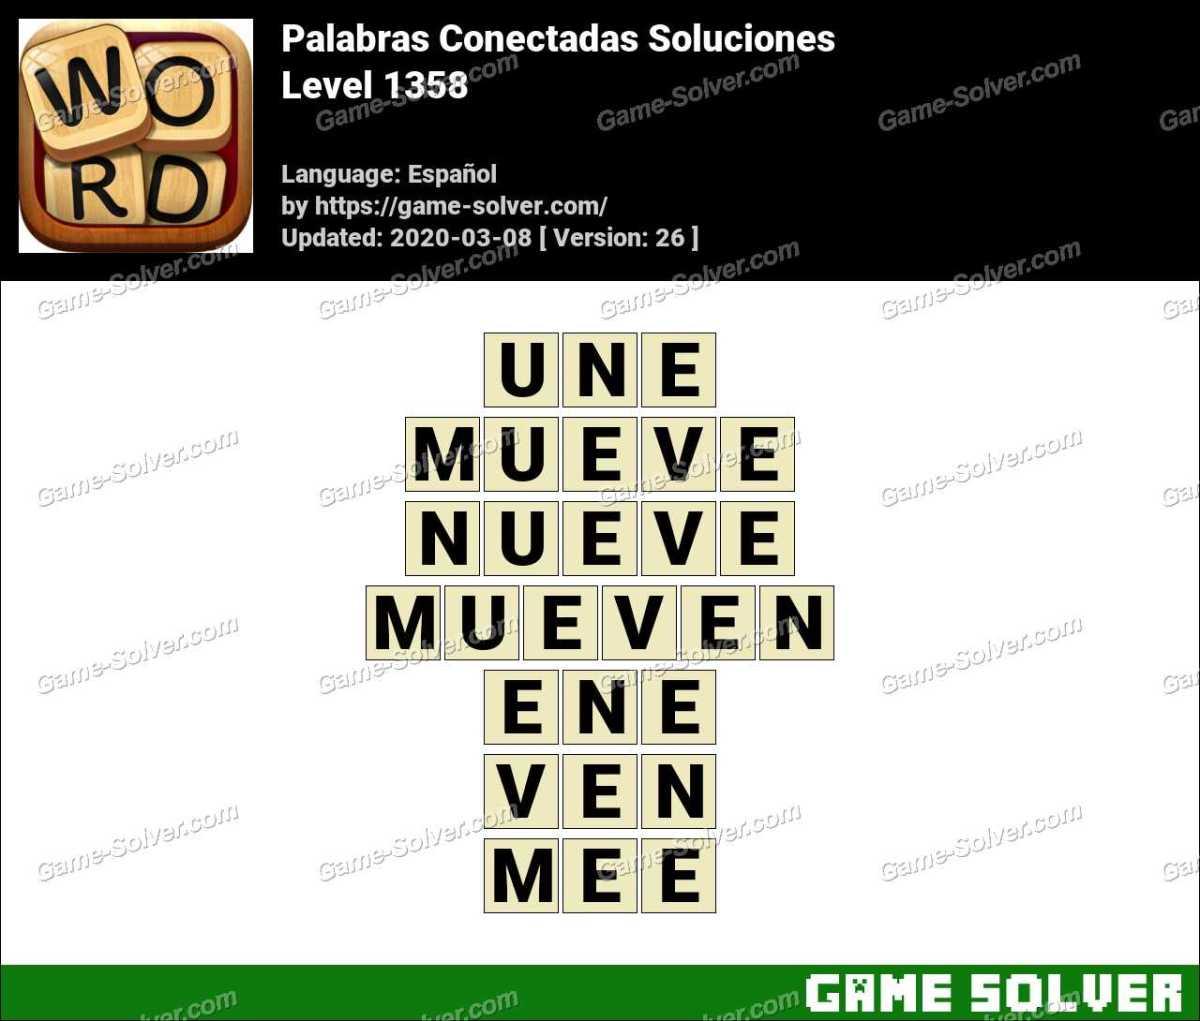 Palabras Conectadas Nivel 1358 Soluciones